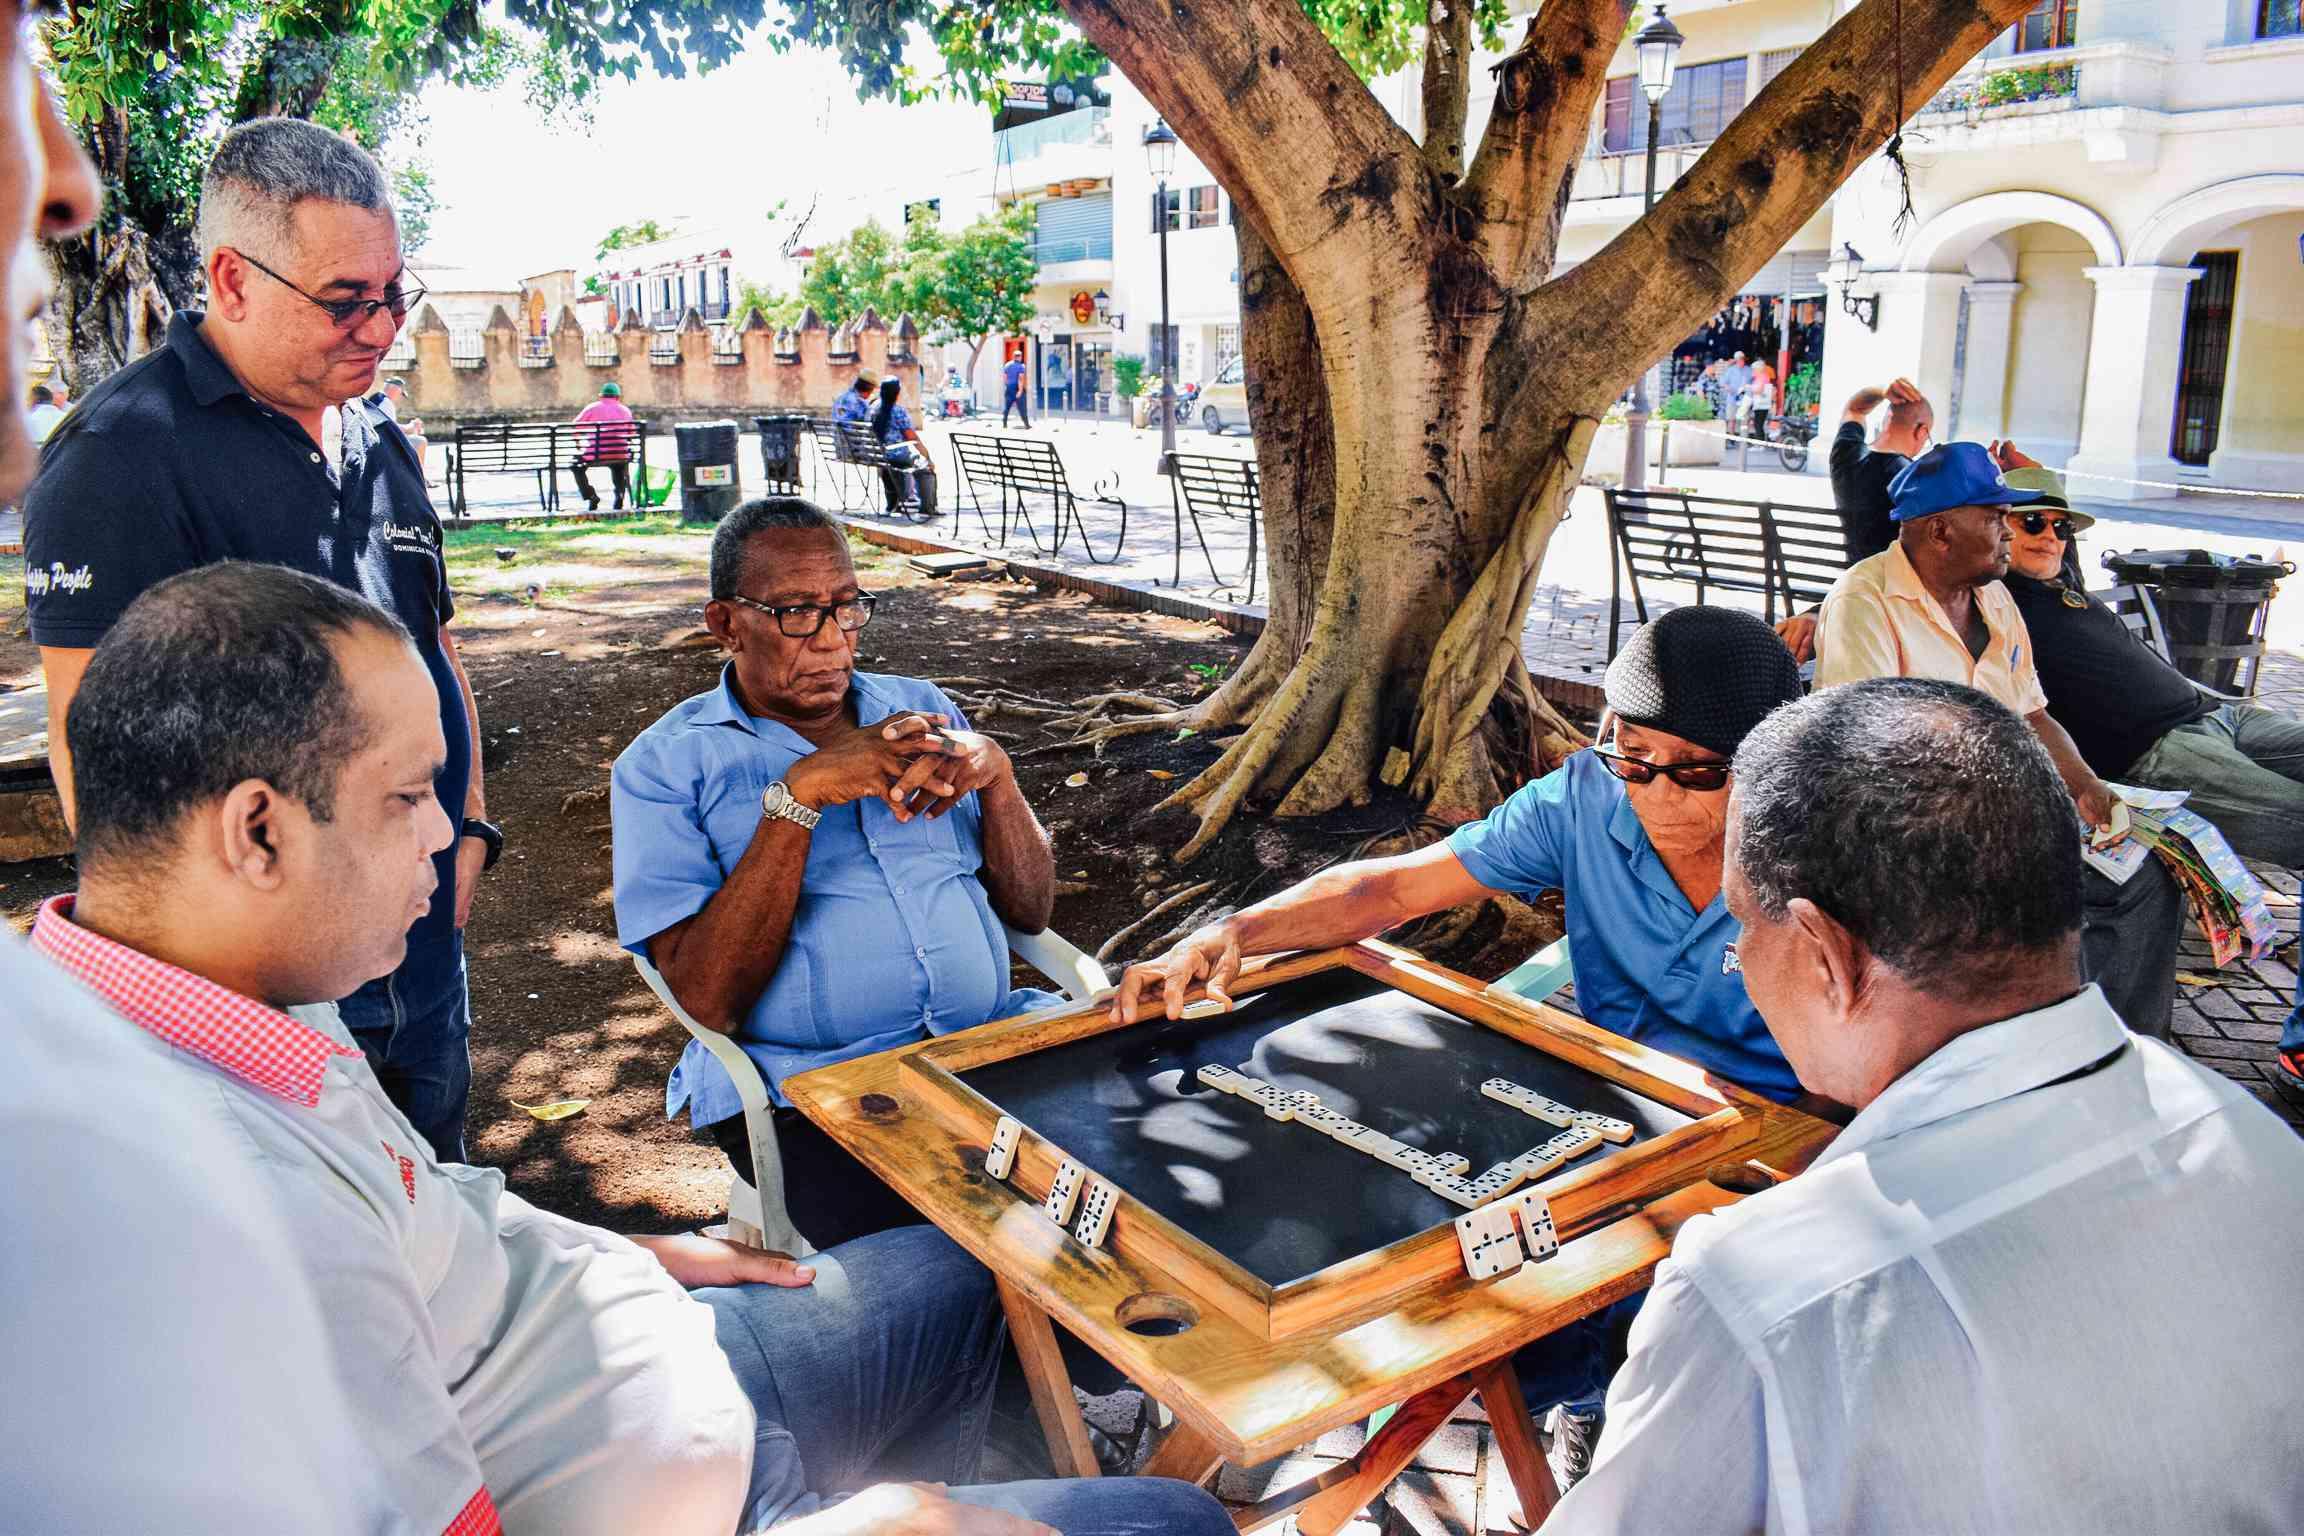 Men playing dominos in Parque Colon